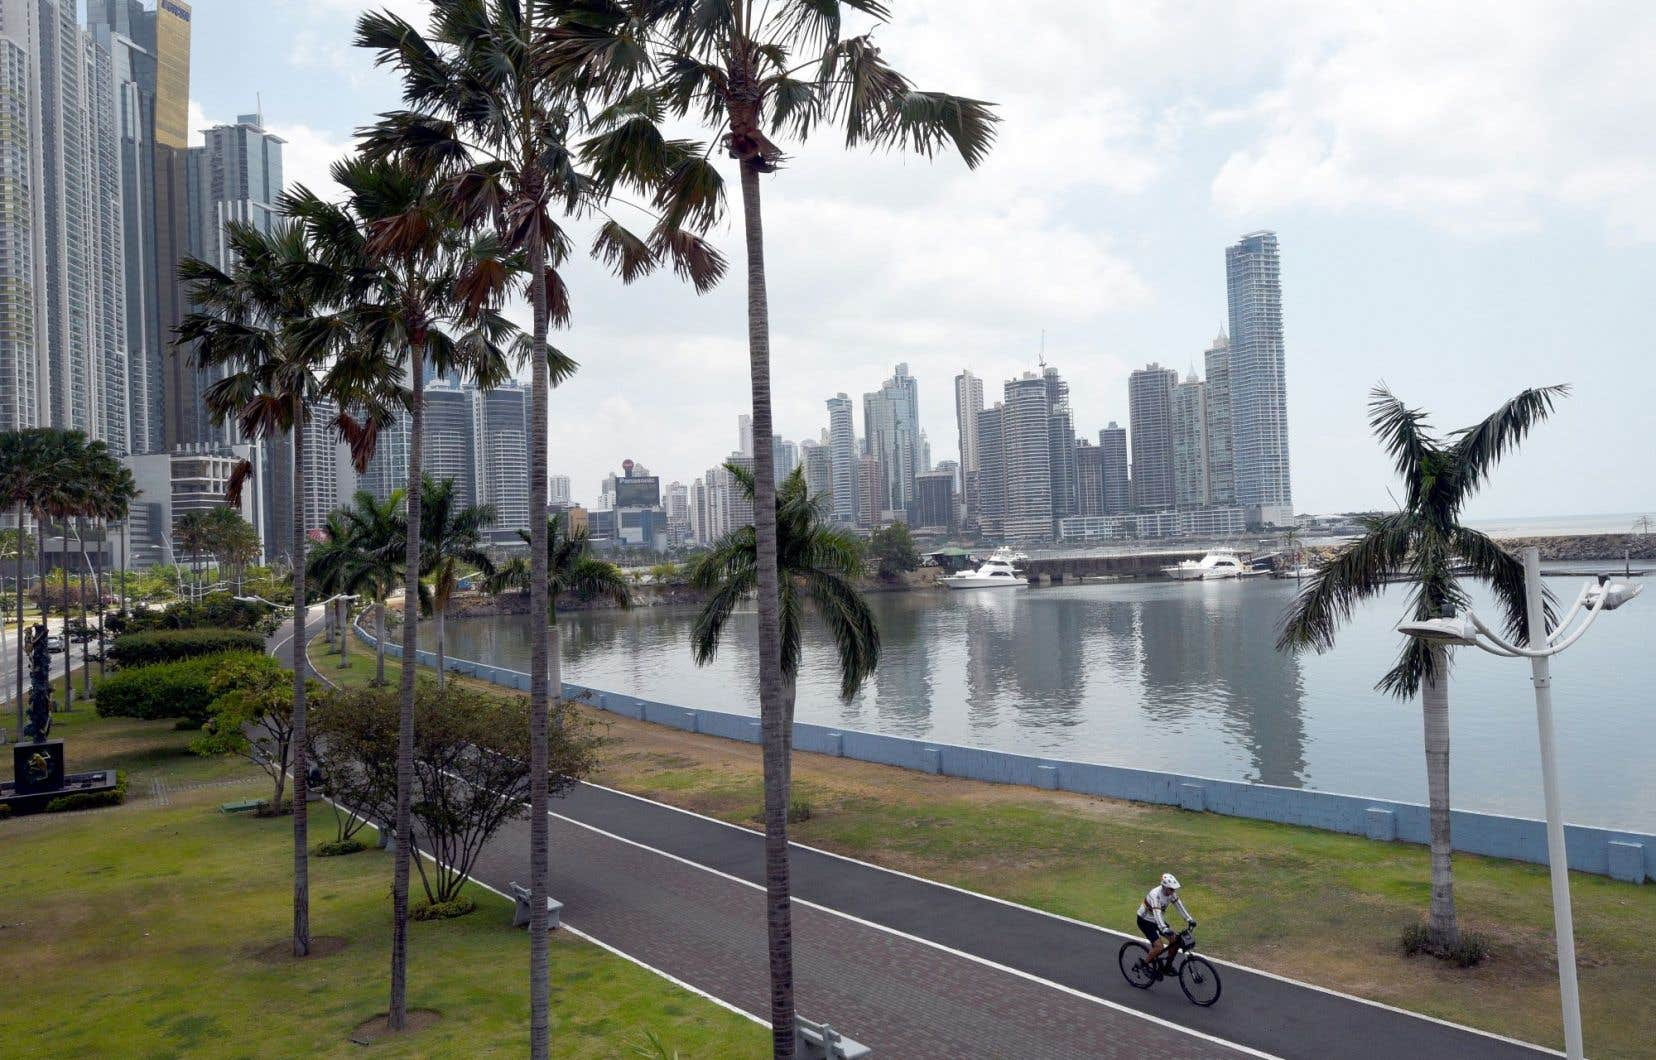 Les révélations faites lors de la publication des Panama Papers ont forcé les États à ouvrir les yeux sur l'évasion fiscale.